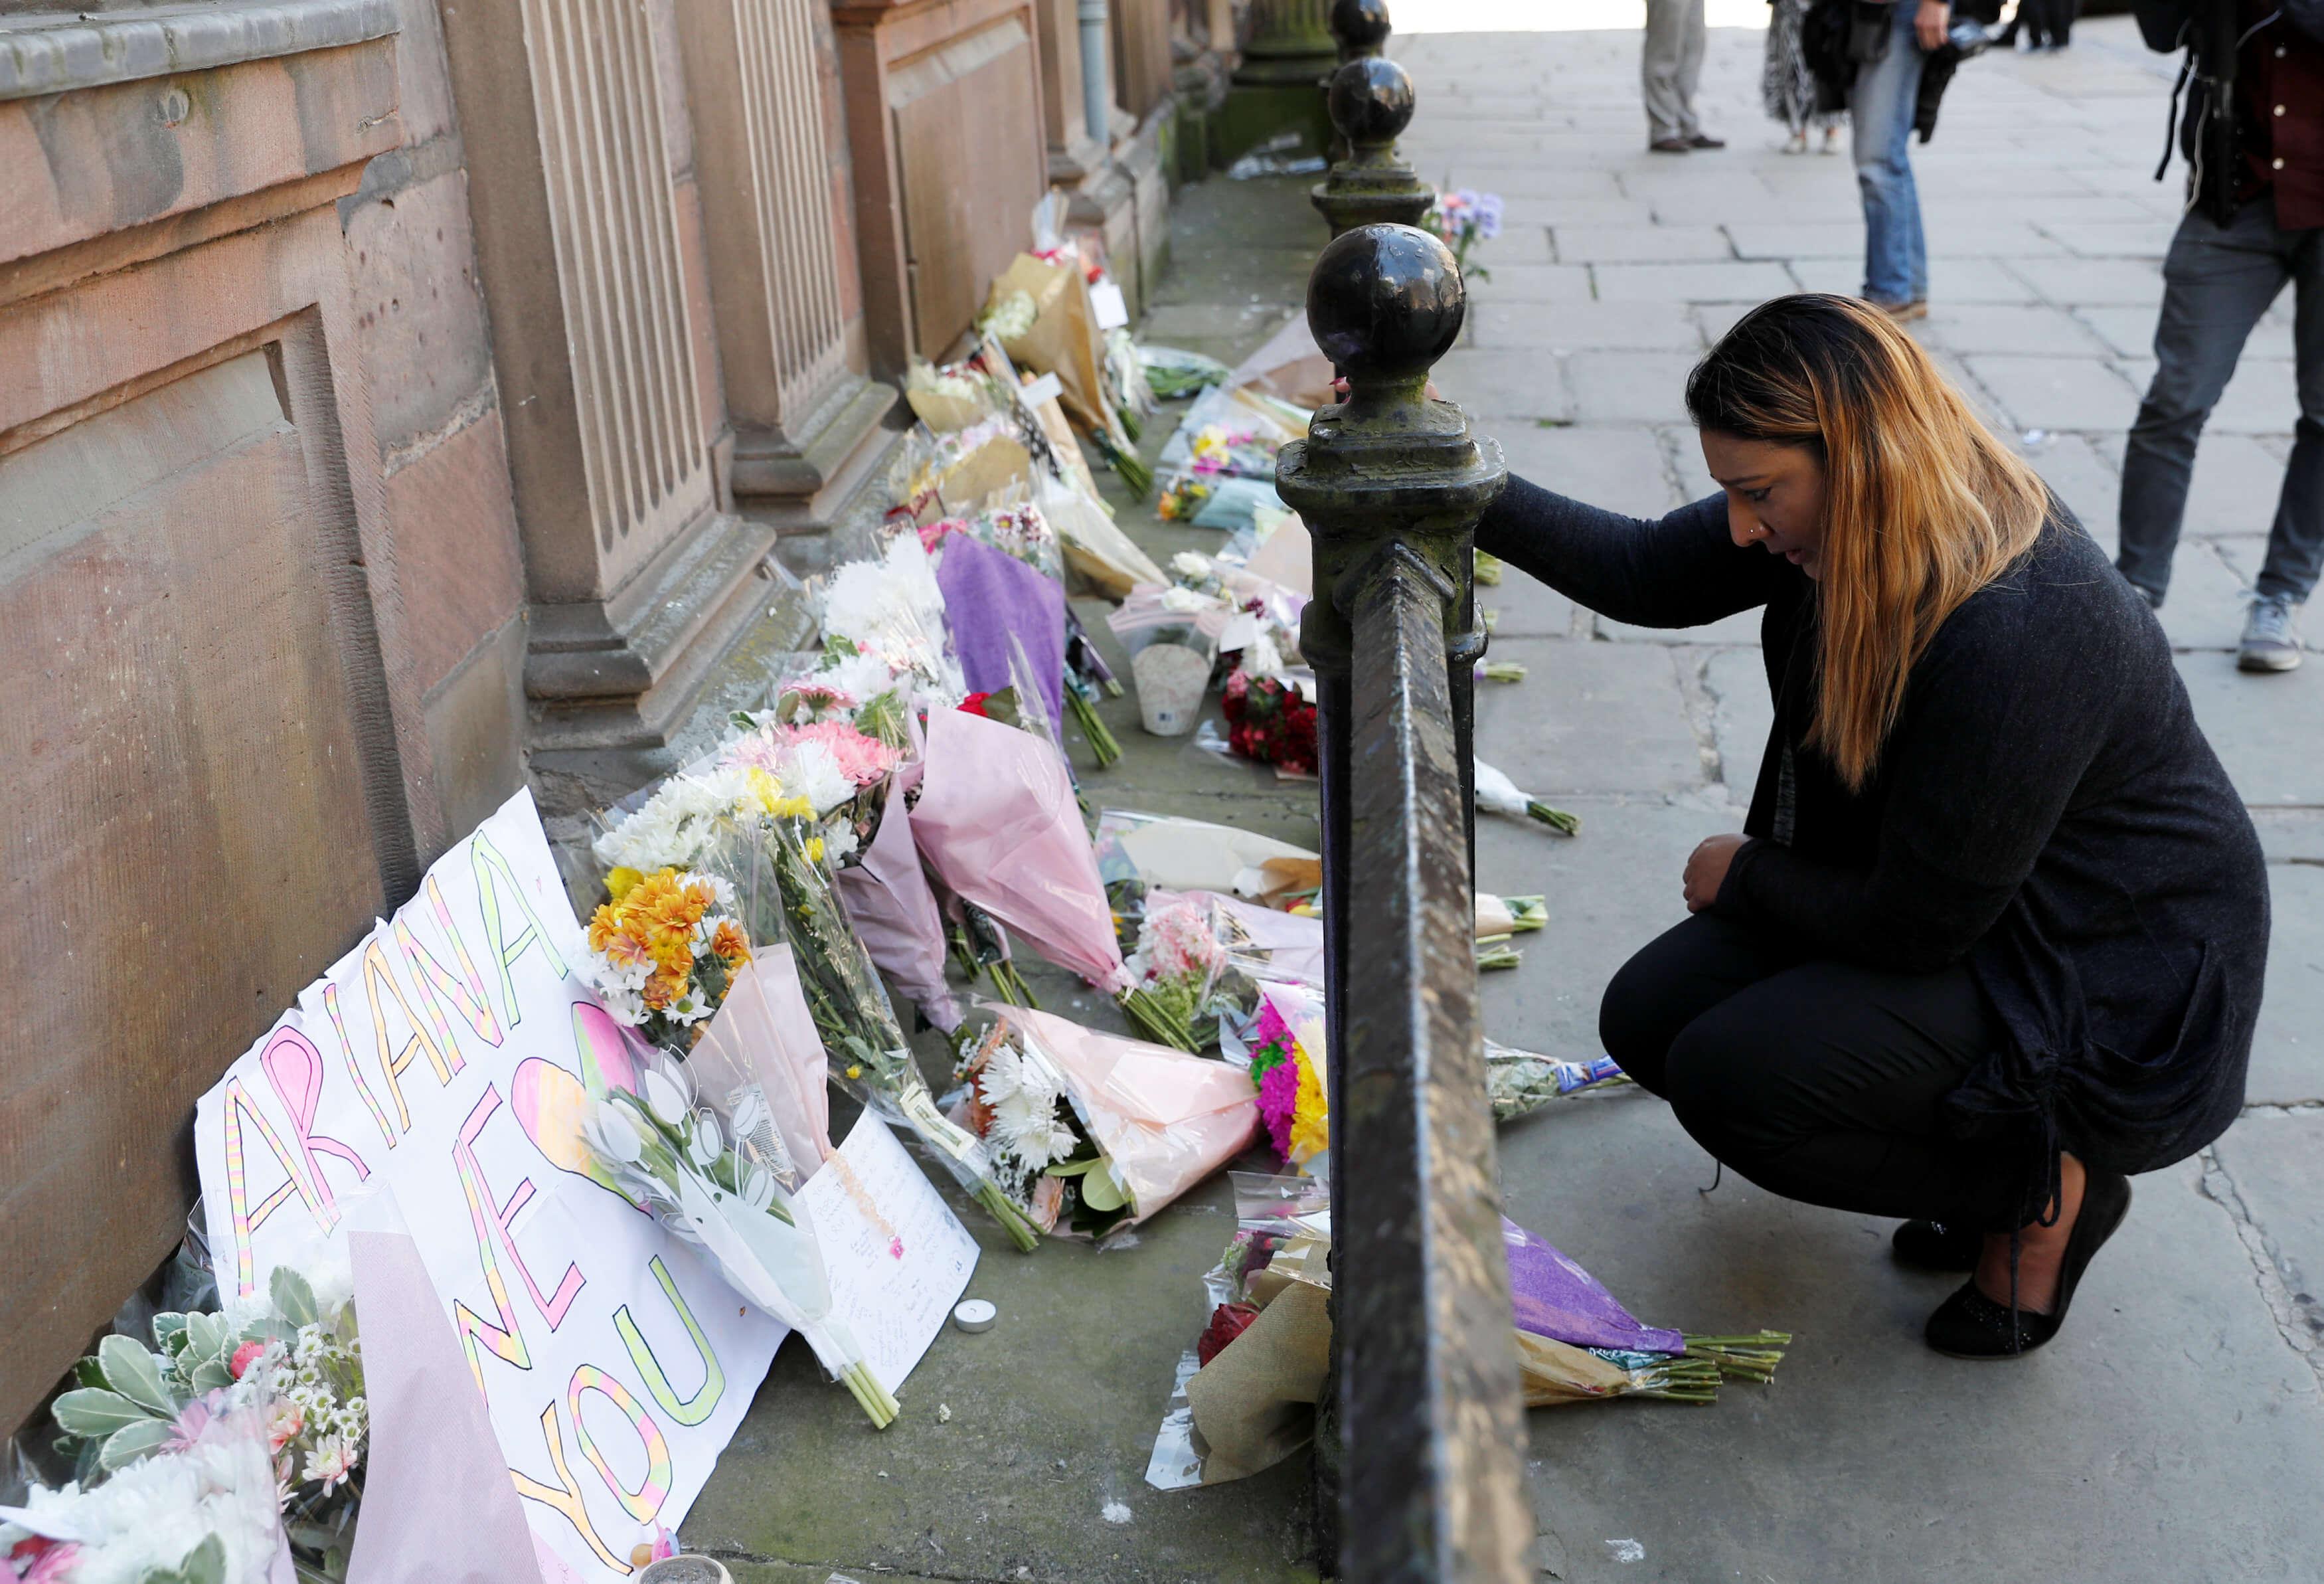 Al menos 19 muertos por presunto ataque suicida tras concierto en Manchester